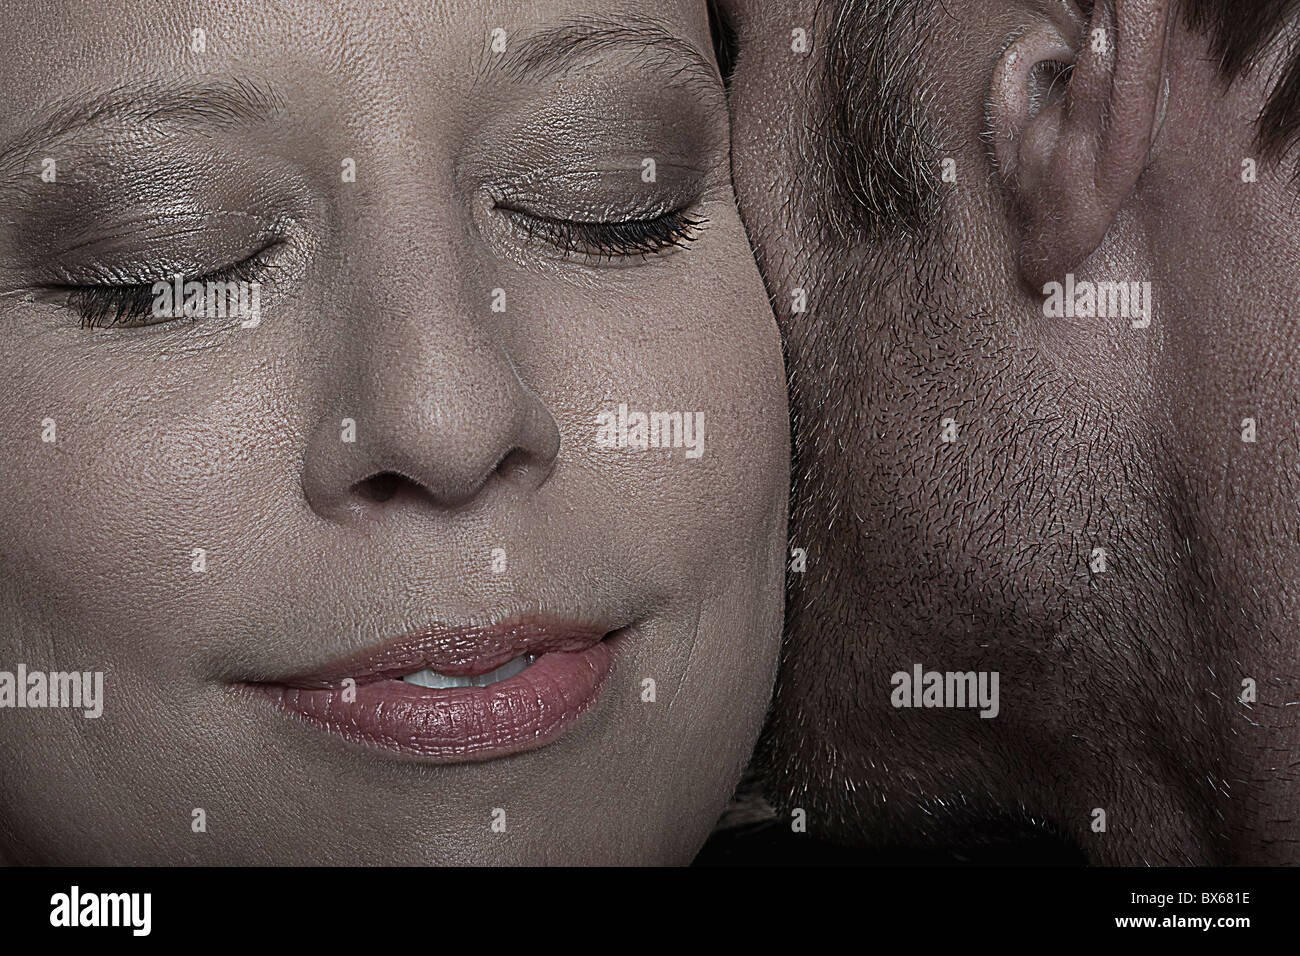 Visage d'une femme près d'un homme Photo Stock